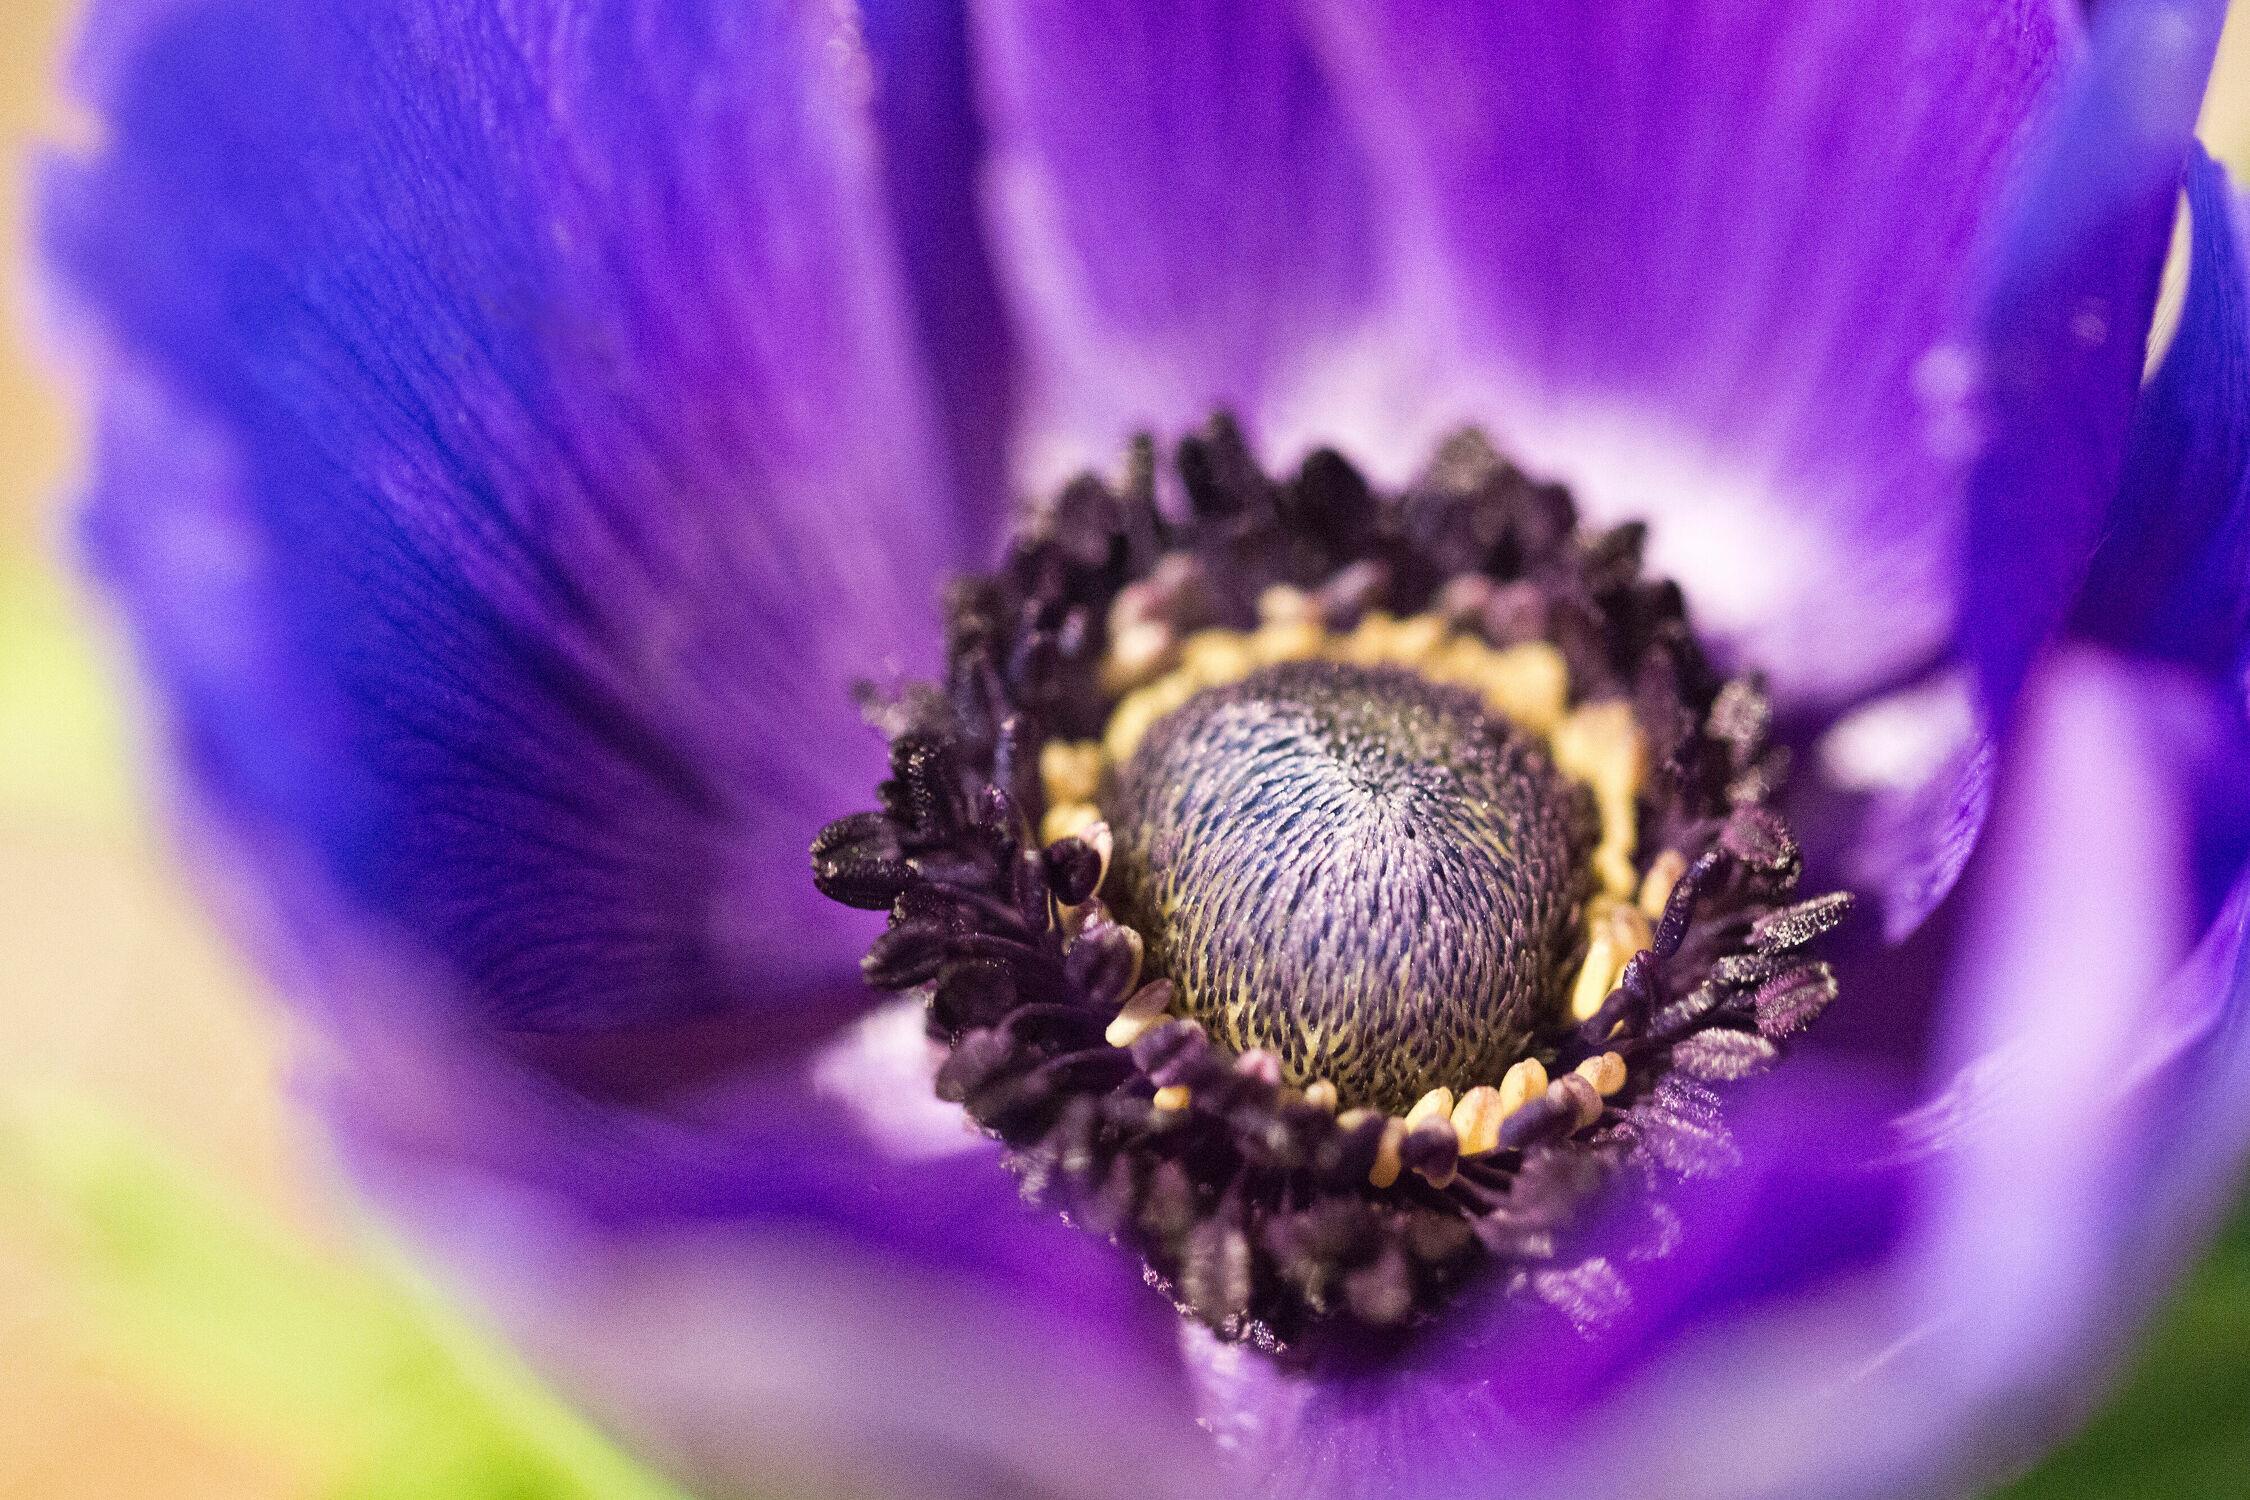 Bild mit Natur, Lila, Blume, Makro, Verborgen